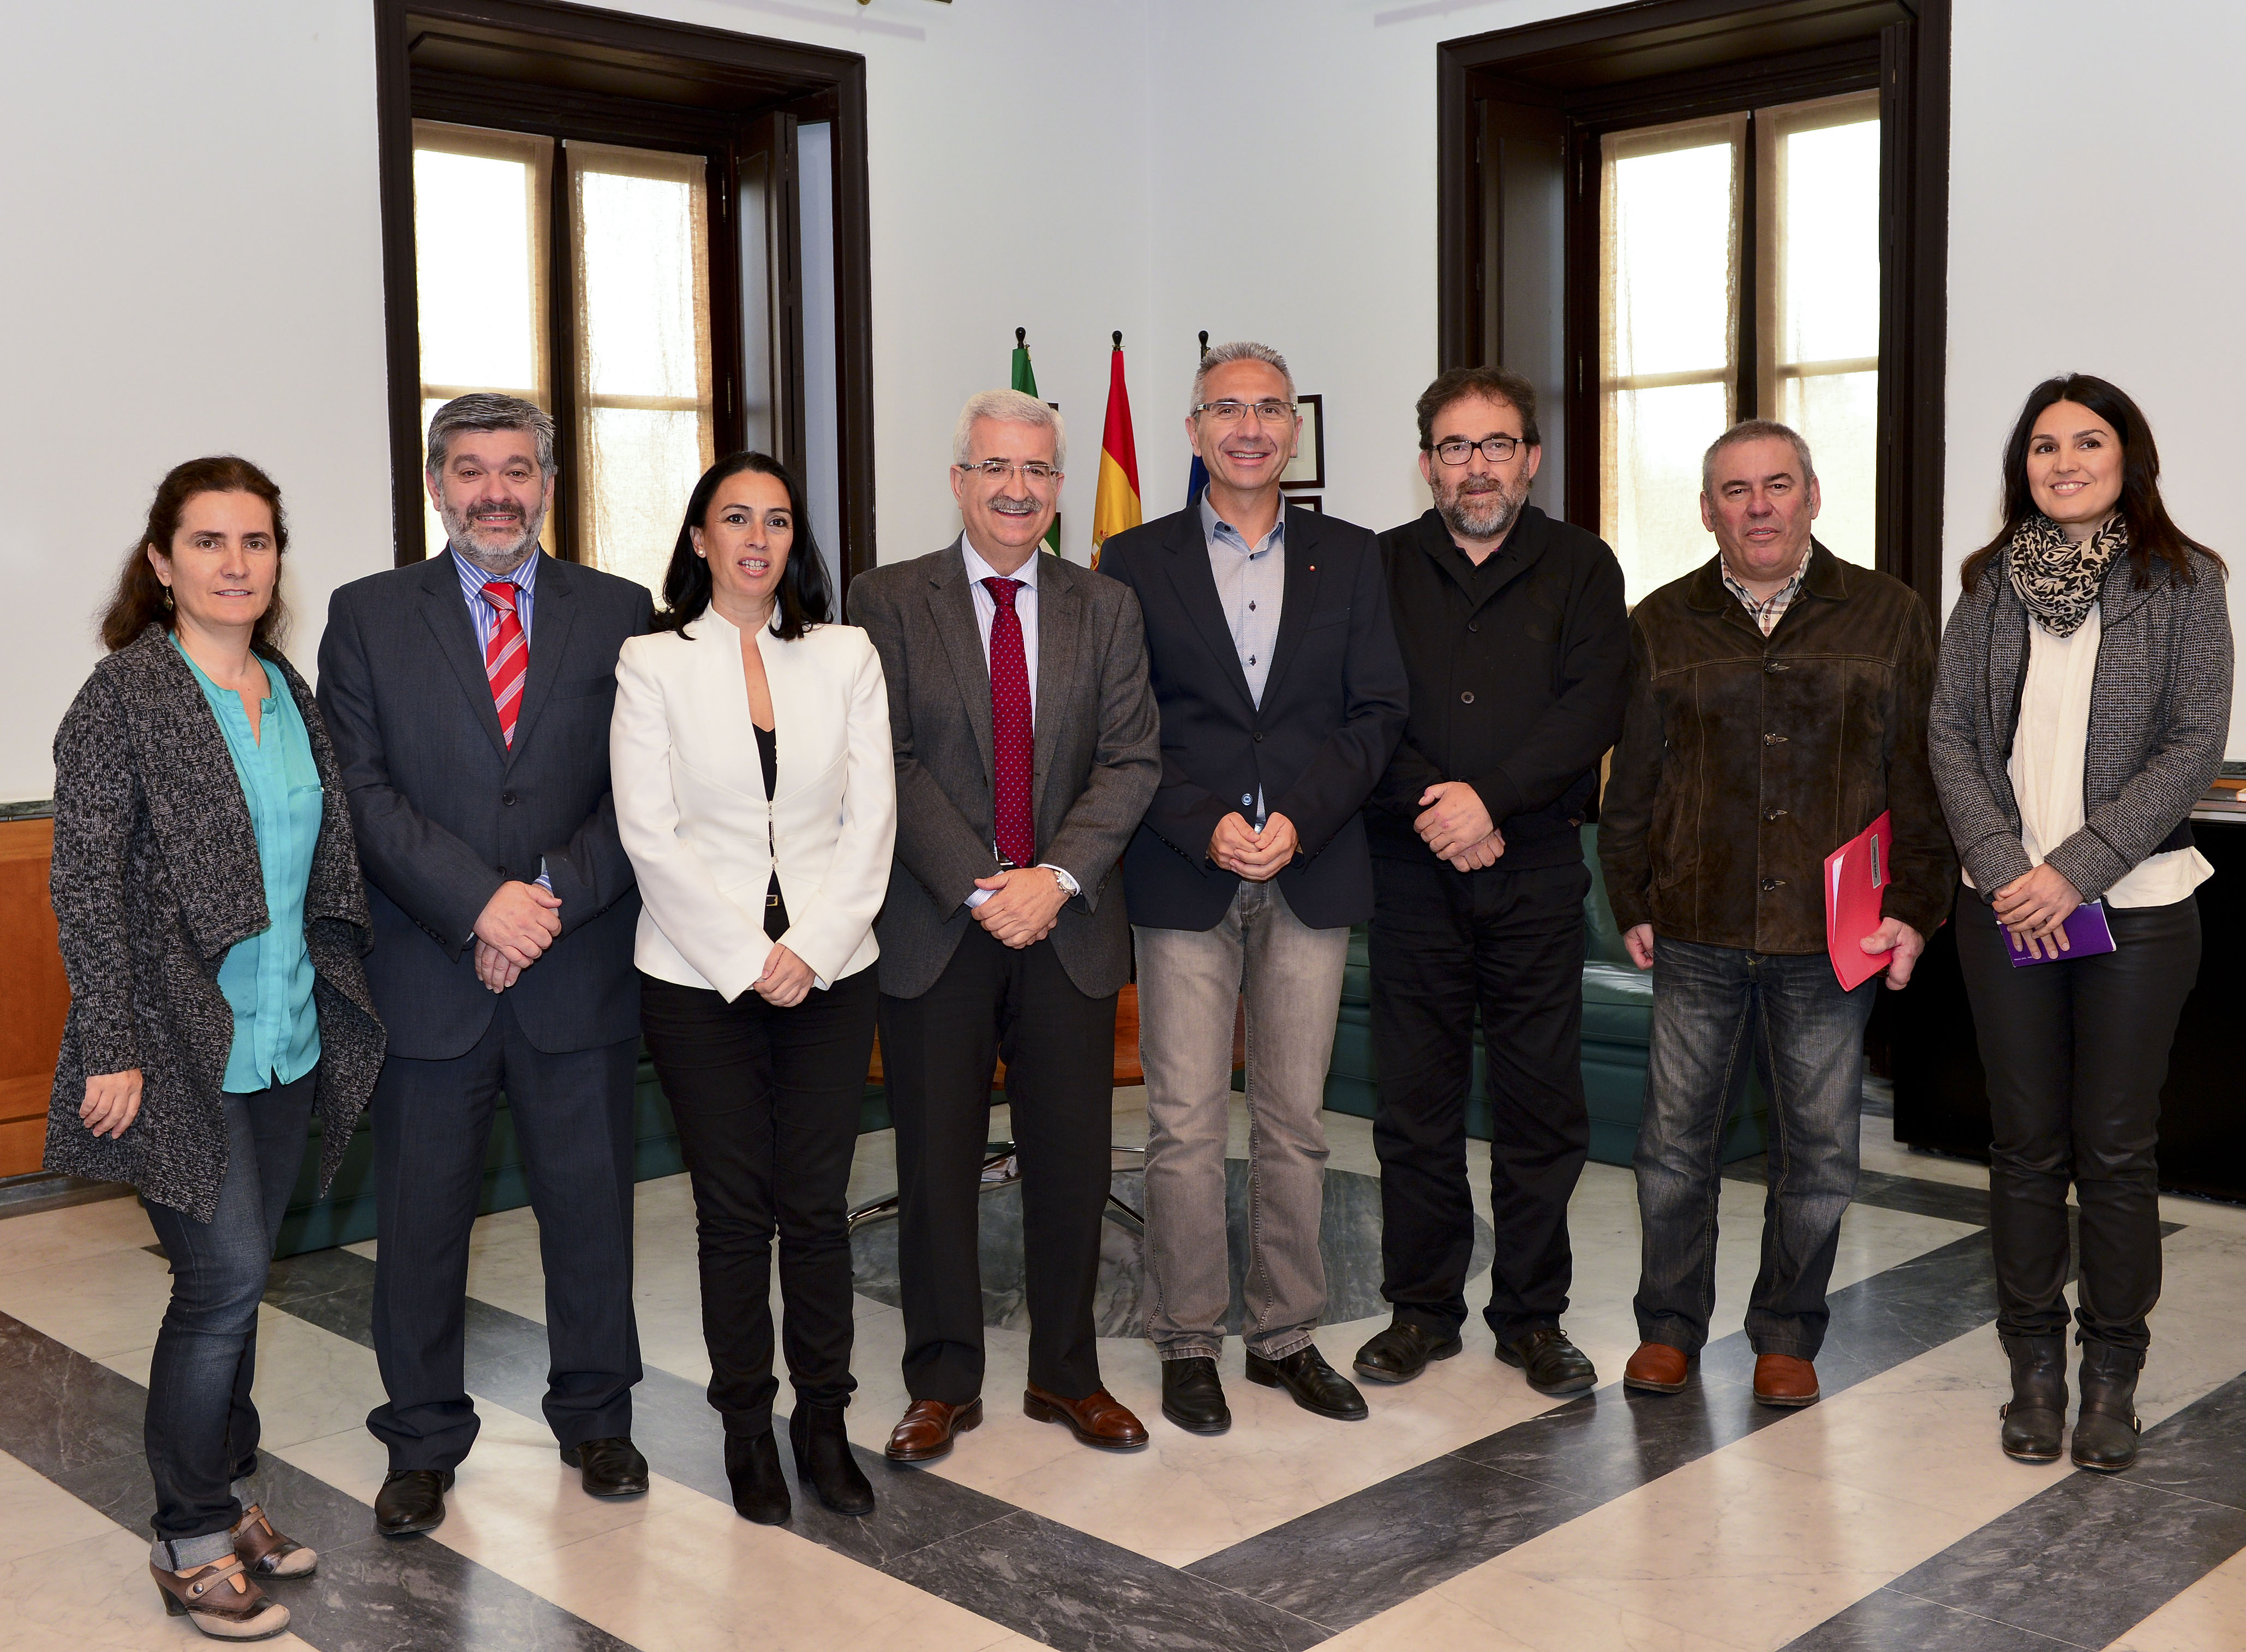 Foto de familia de la reunión entre representantes del Colegio Profesional de Periodistas de Andalucía y el consejero de la Presidencia de la Junta de Andalucía, Manuel Jiménez Barrios.